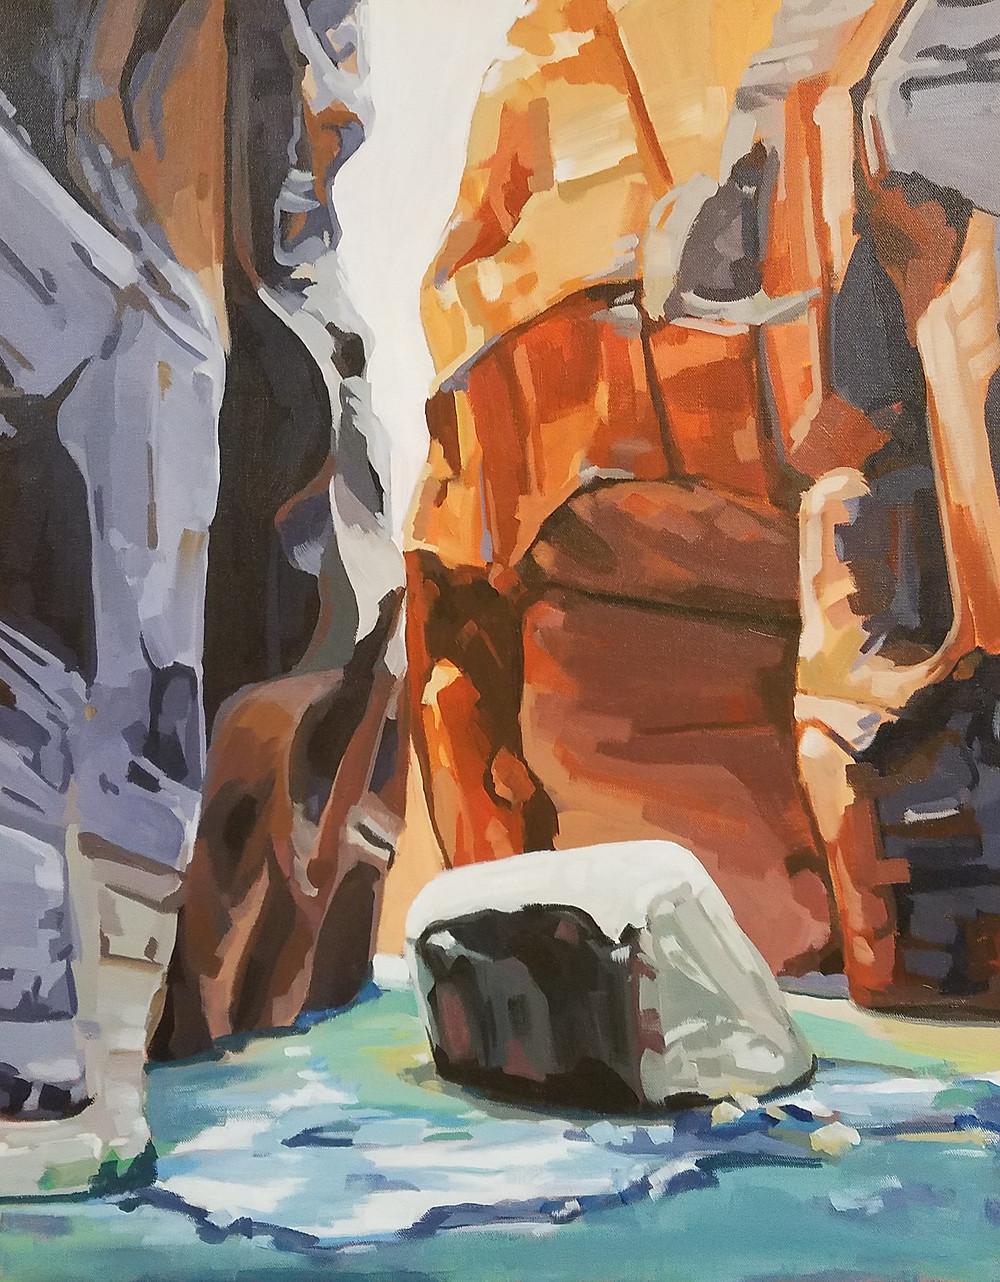 zion narrows painting danika ostrowski